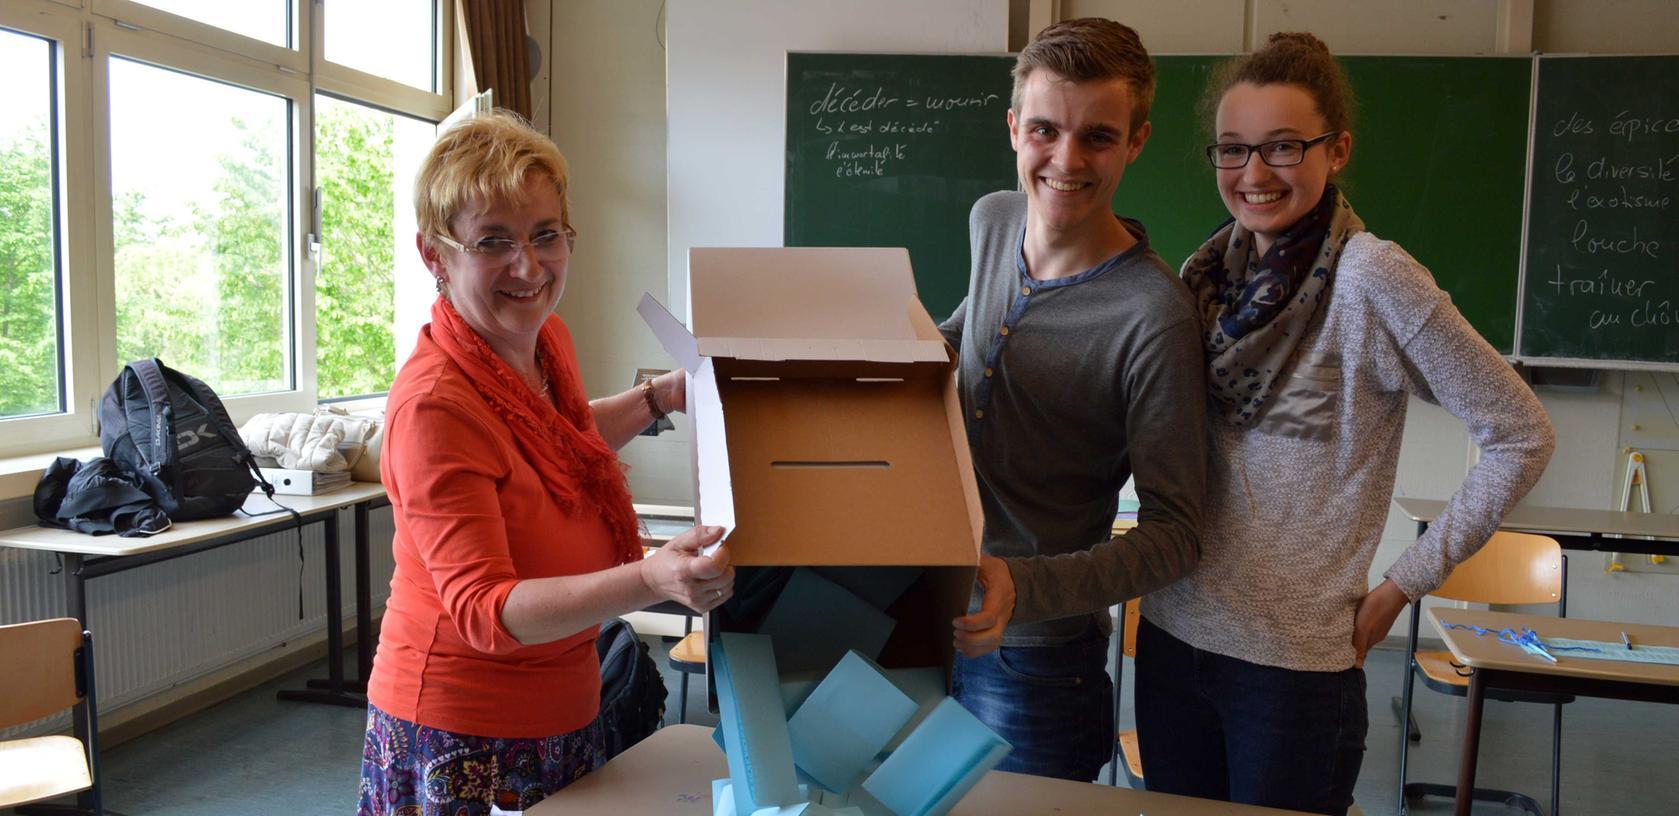 Die Auszählung kann beginnen: Birgit Arnold, Lehrerin am Wolfgang-Borchert-Gymnasium in Langenzenn, leert die Urne mit Kevin Rösch und Laura Gimperlein. (v.li.n.re.)